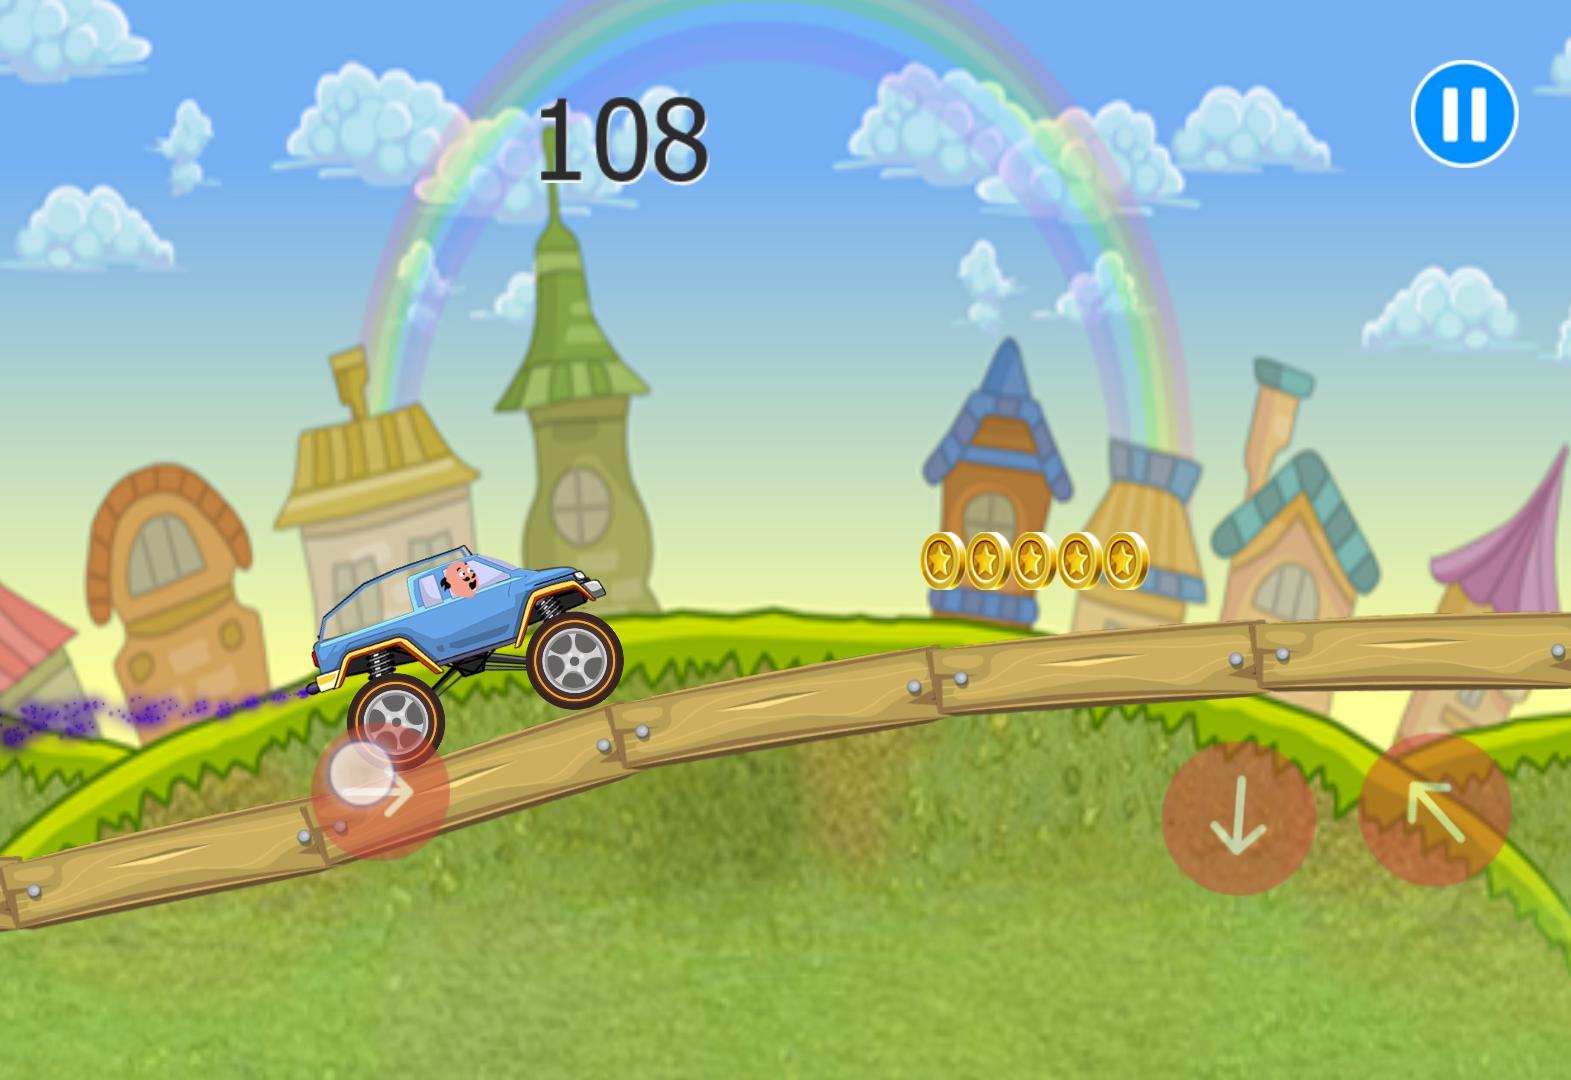 Motu Racing: Hill climb truck race patlu 10 screenshot 3